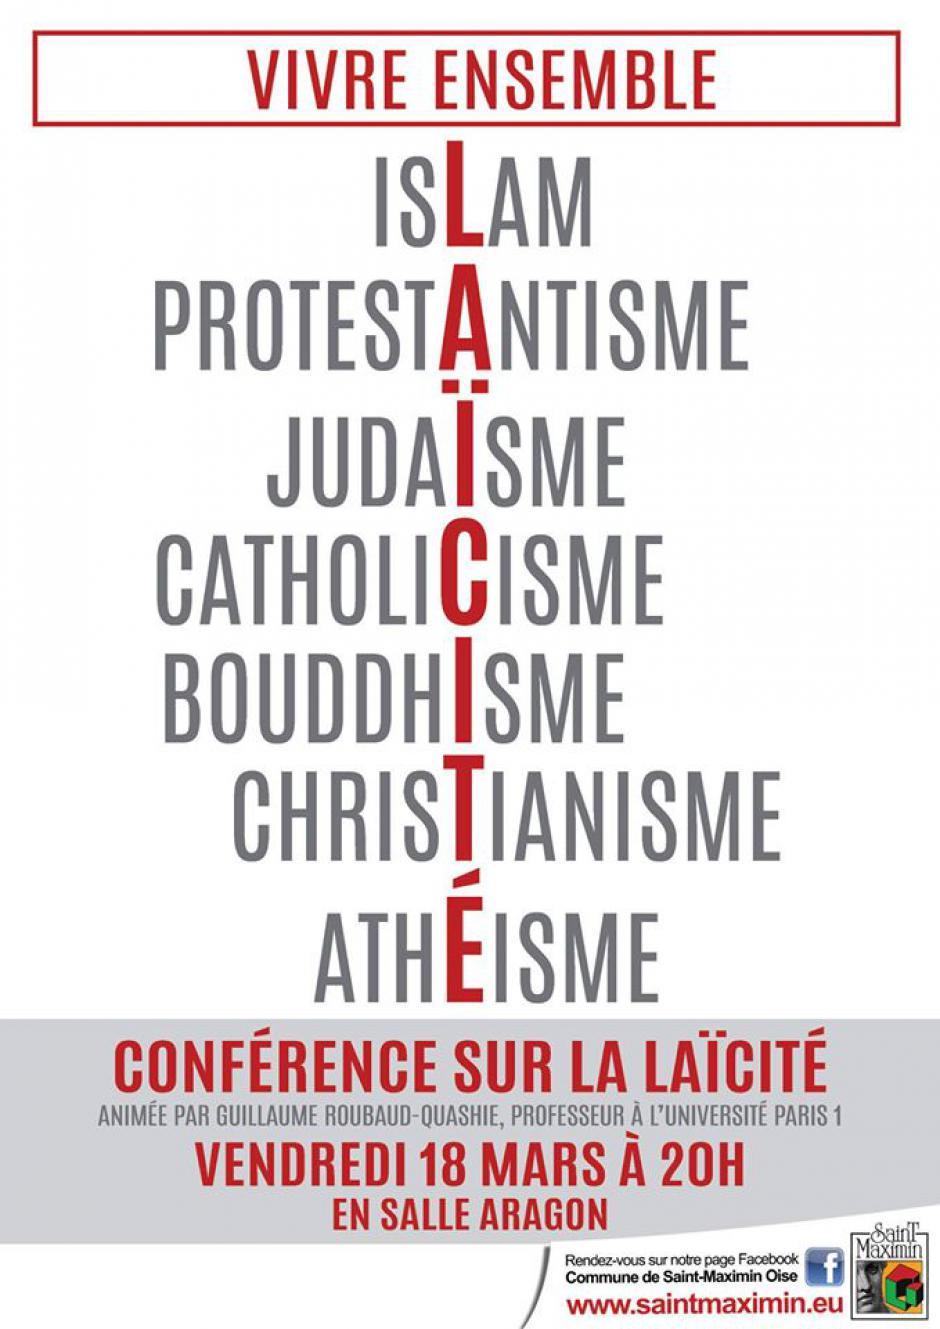 18 mars, Saint-Maximin - La laïcité, outil d'émancipation